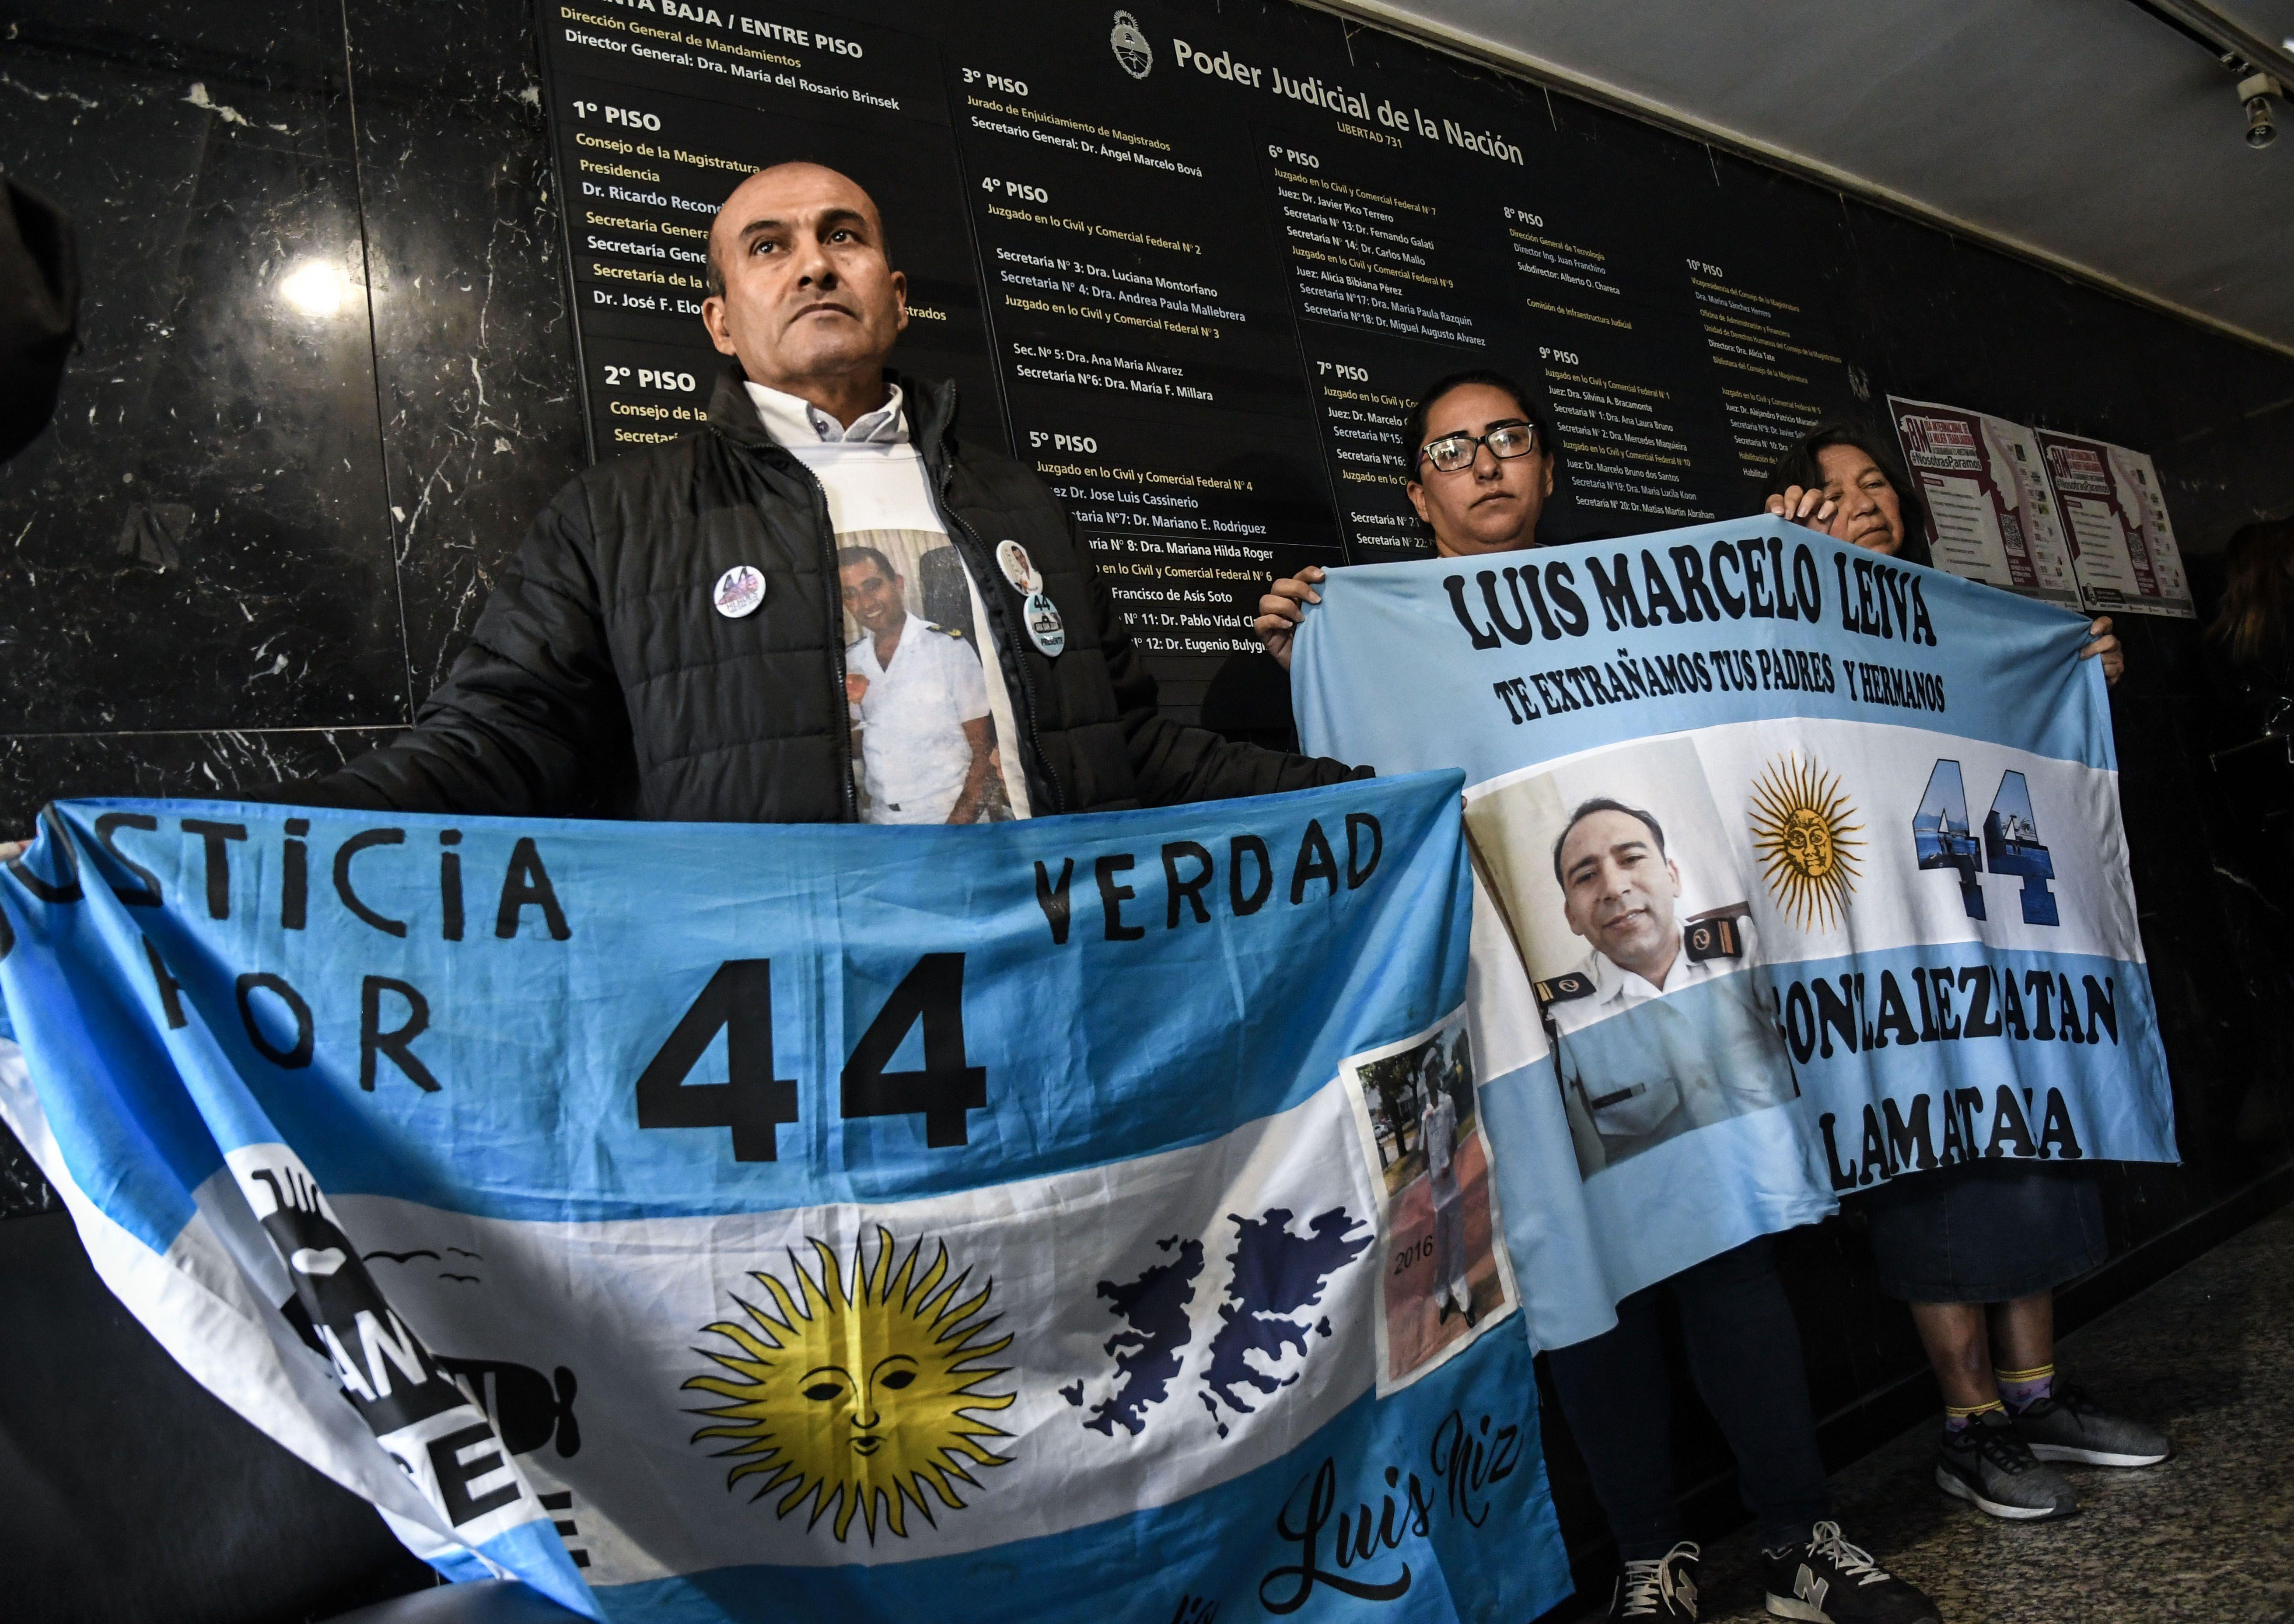 La Comisión que investiga el ARA San Juan terminó el informe y Cambiemos firmó en disidencia